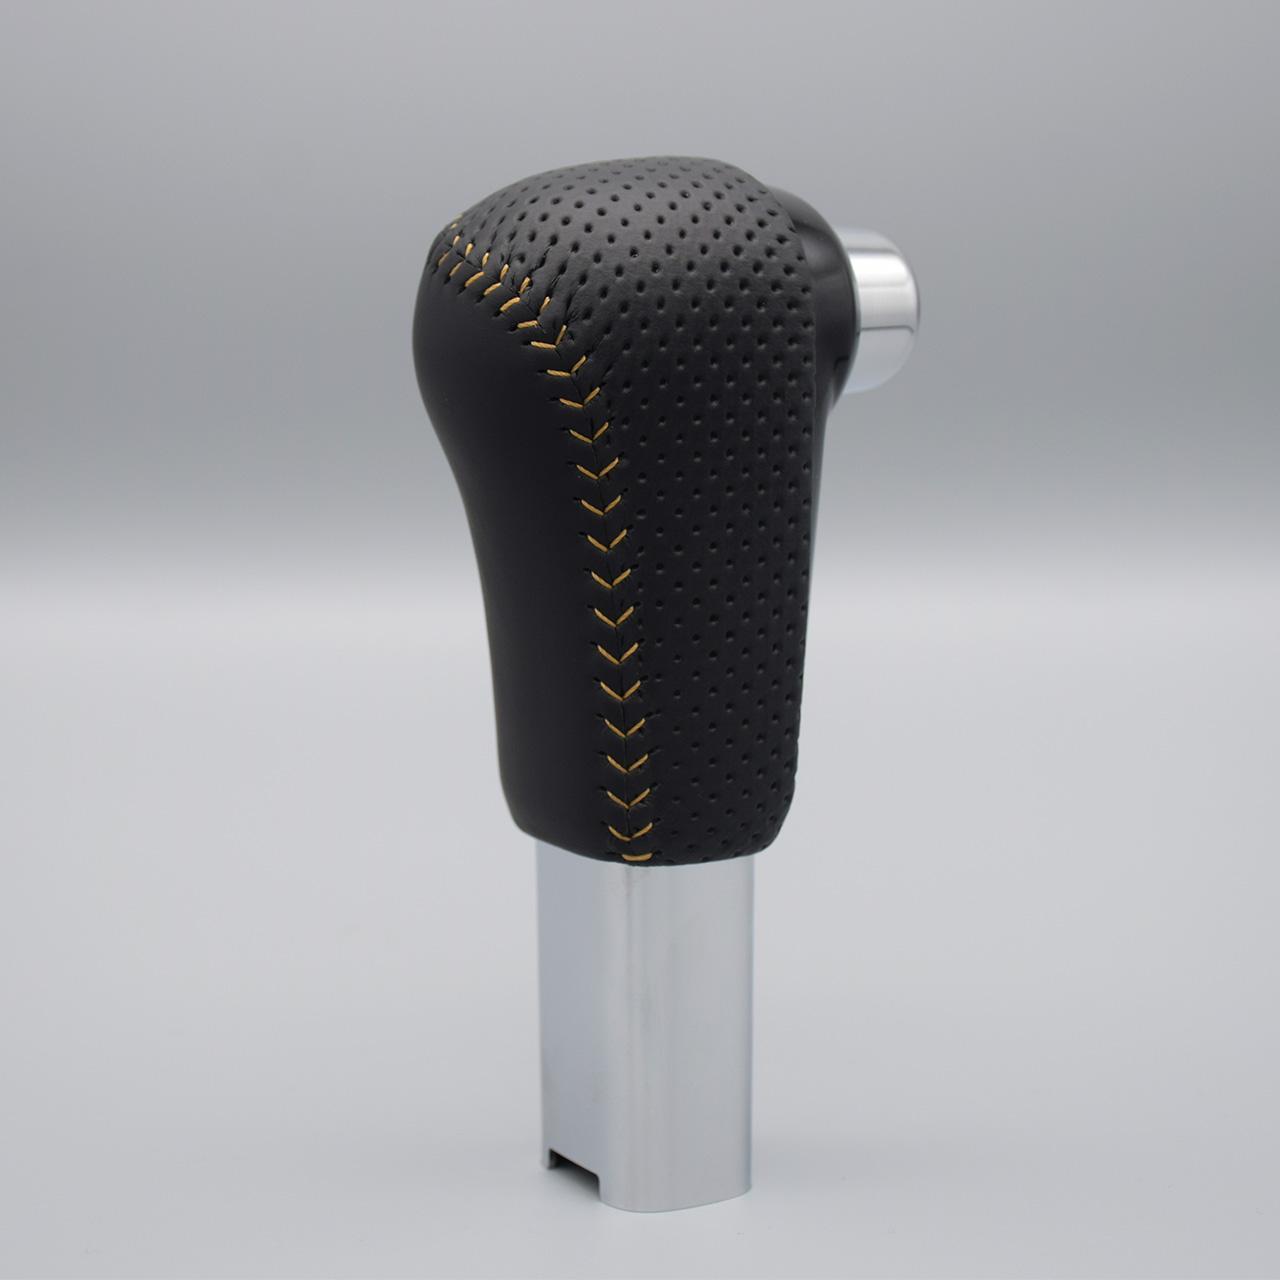 Leather Custom FIRST N-VAN純正シフトノブ革巻き加工